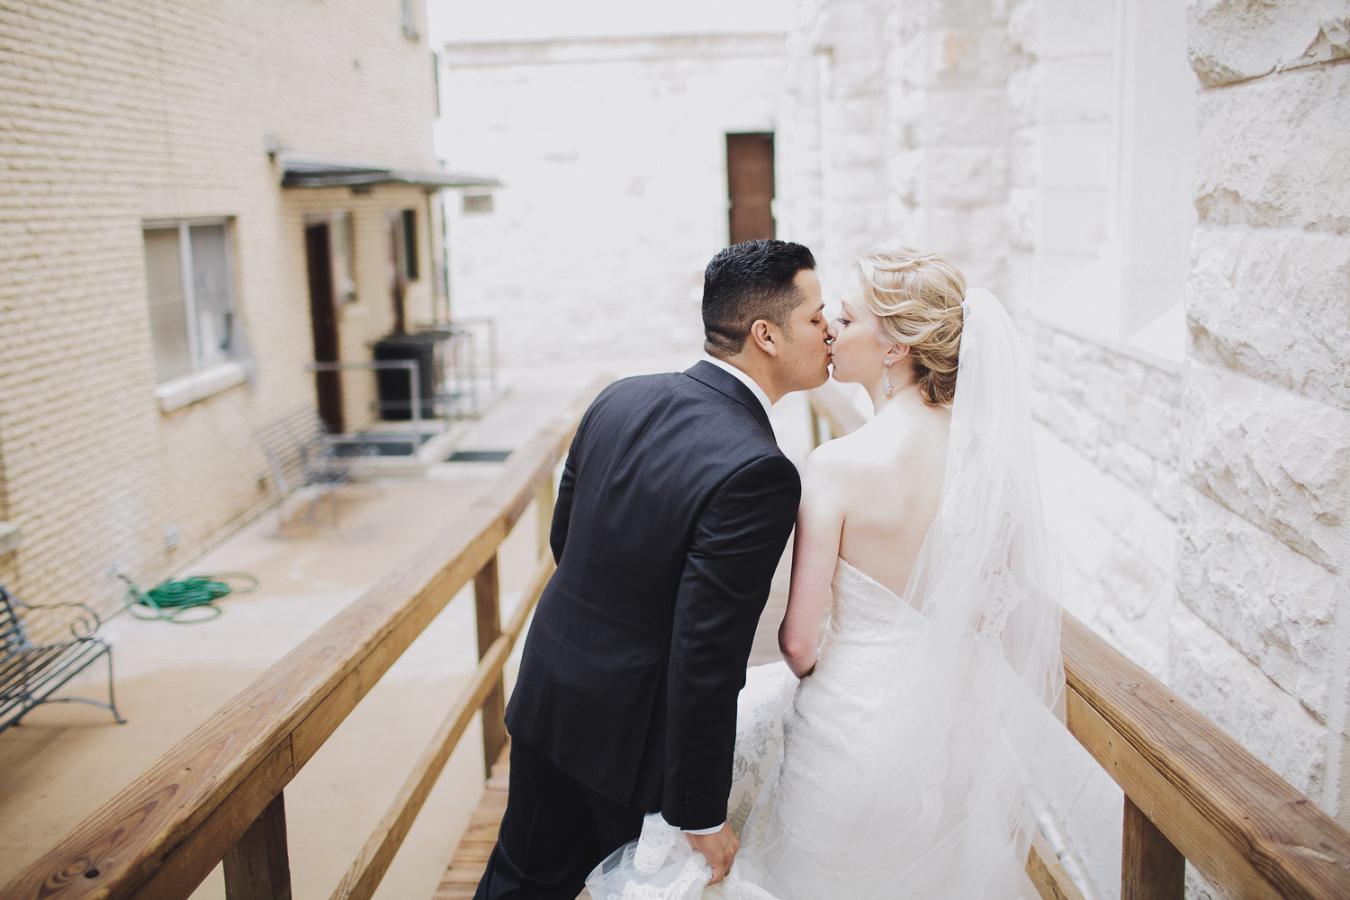 Lauren-wedding-1.jpg